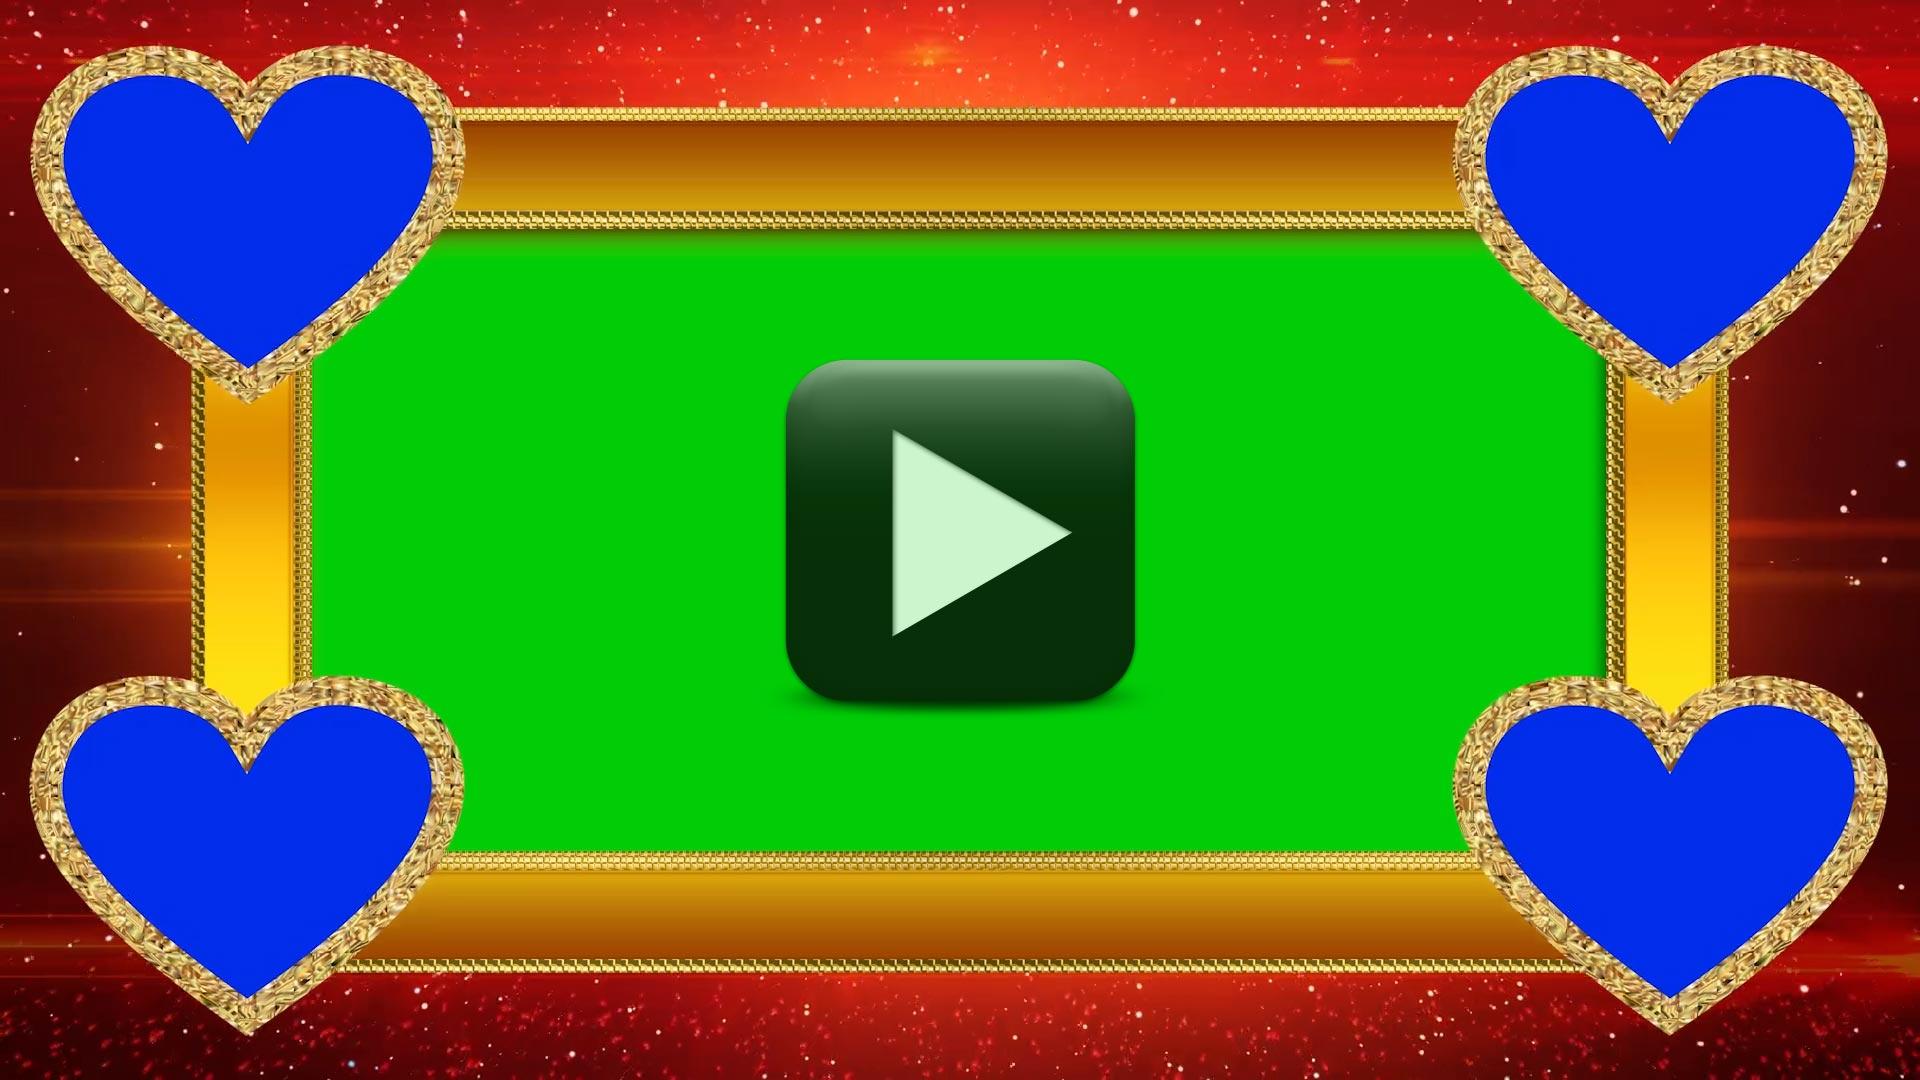 Heart Wedding Green Screen Video Frame